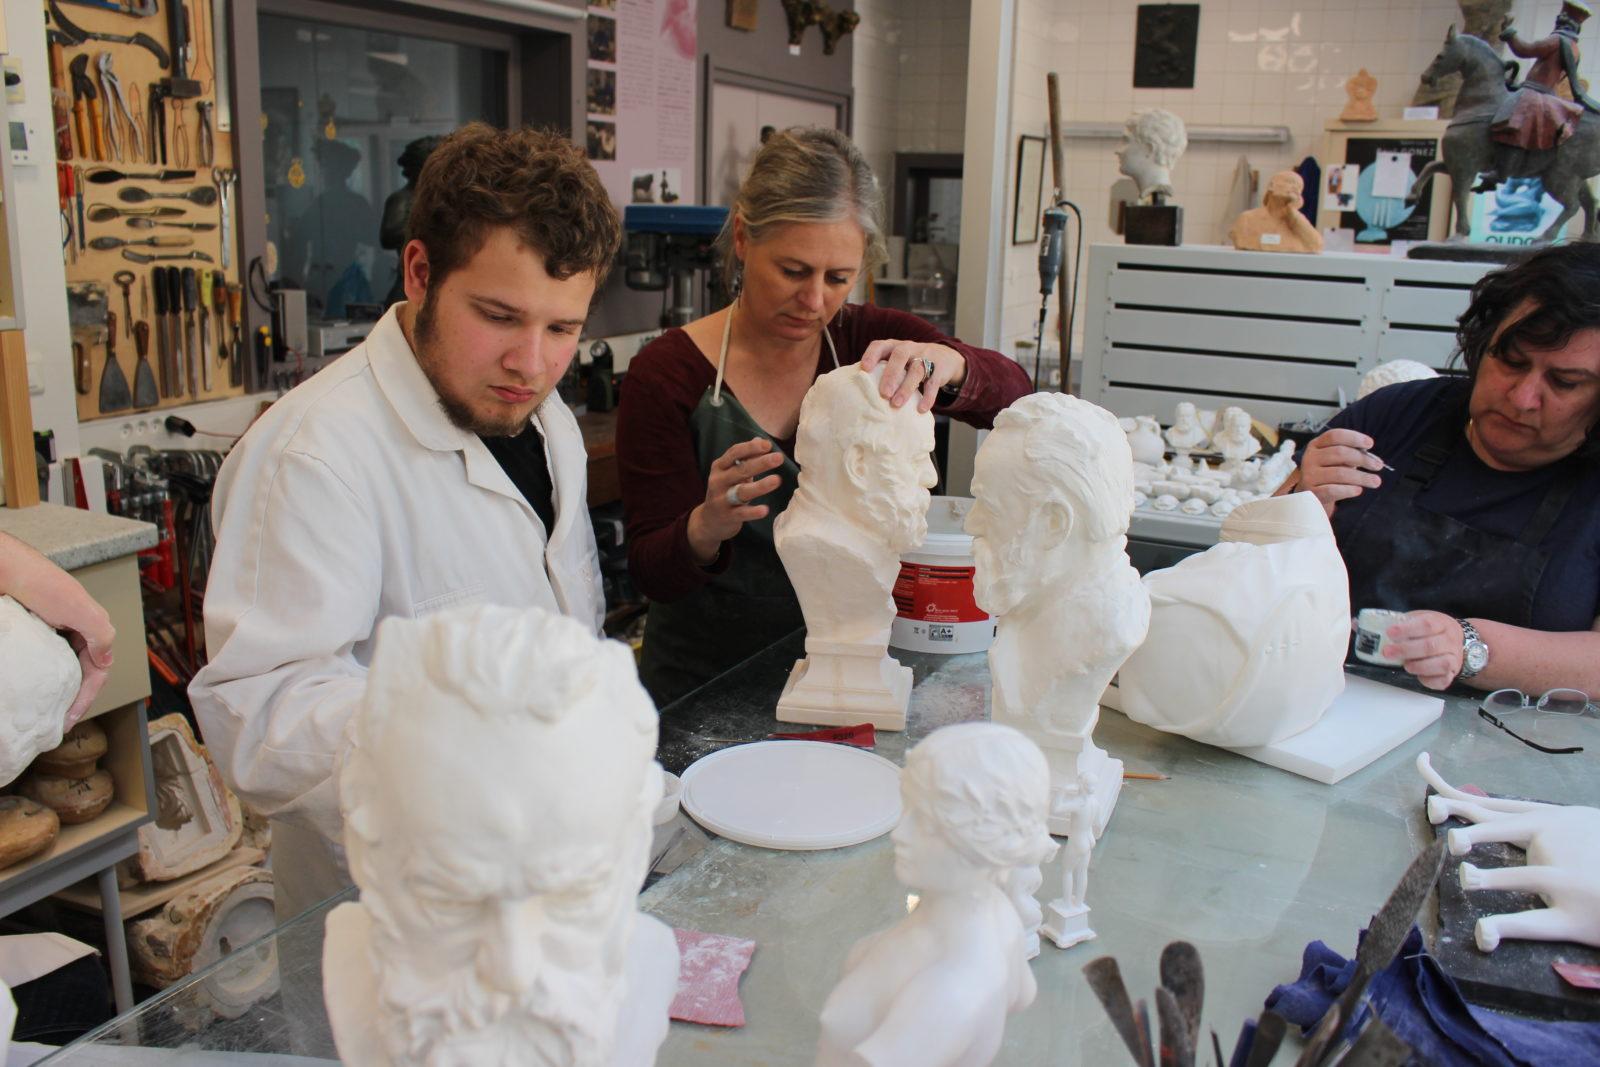 Besançon atelier de moulage - Murielle Dovillaire et un apprenti